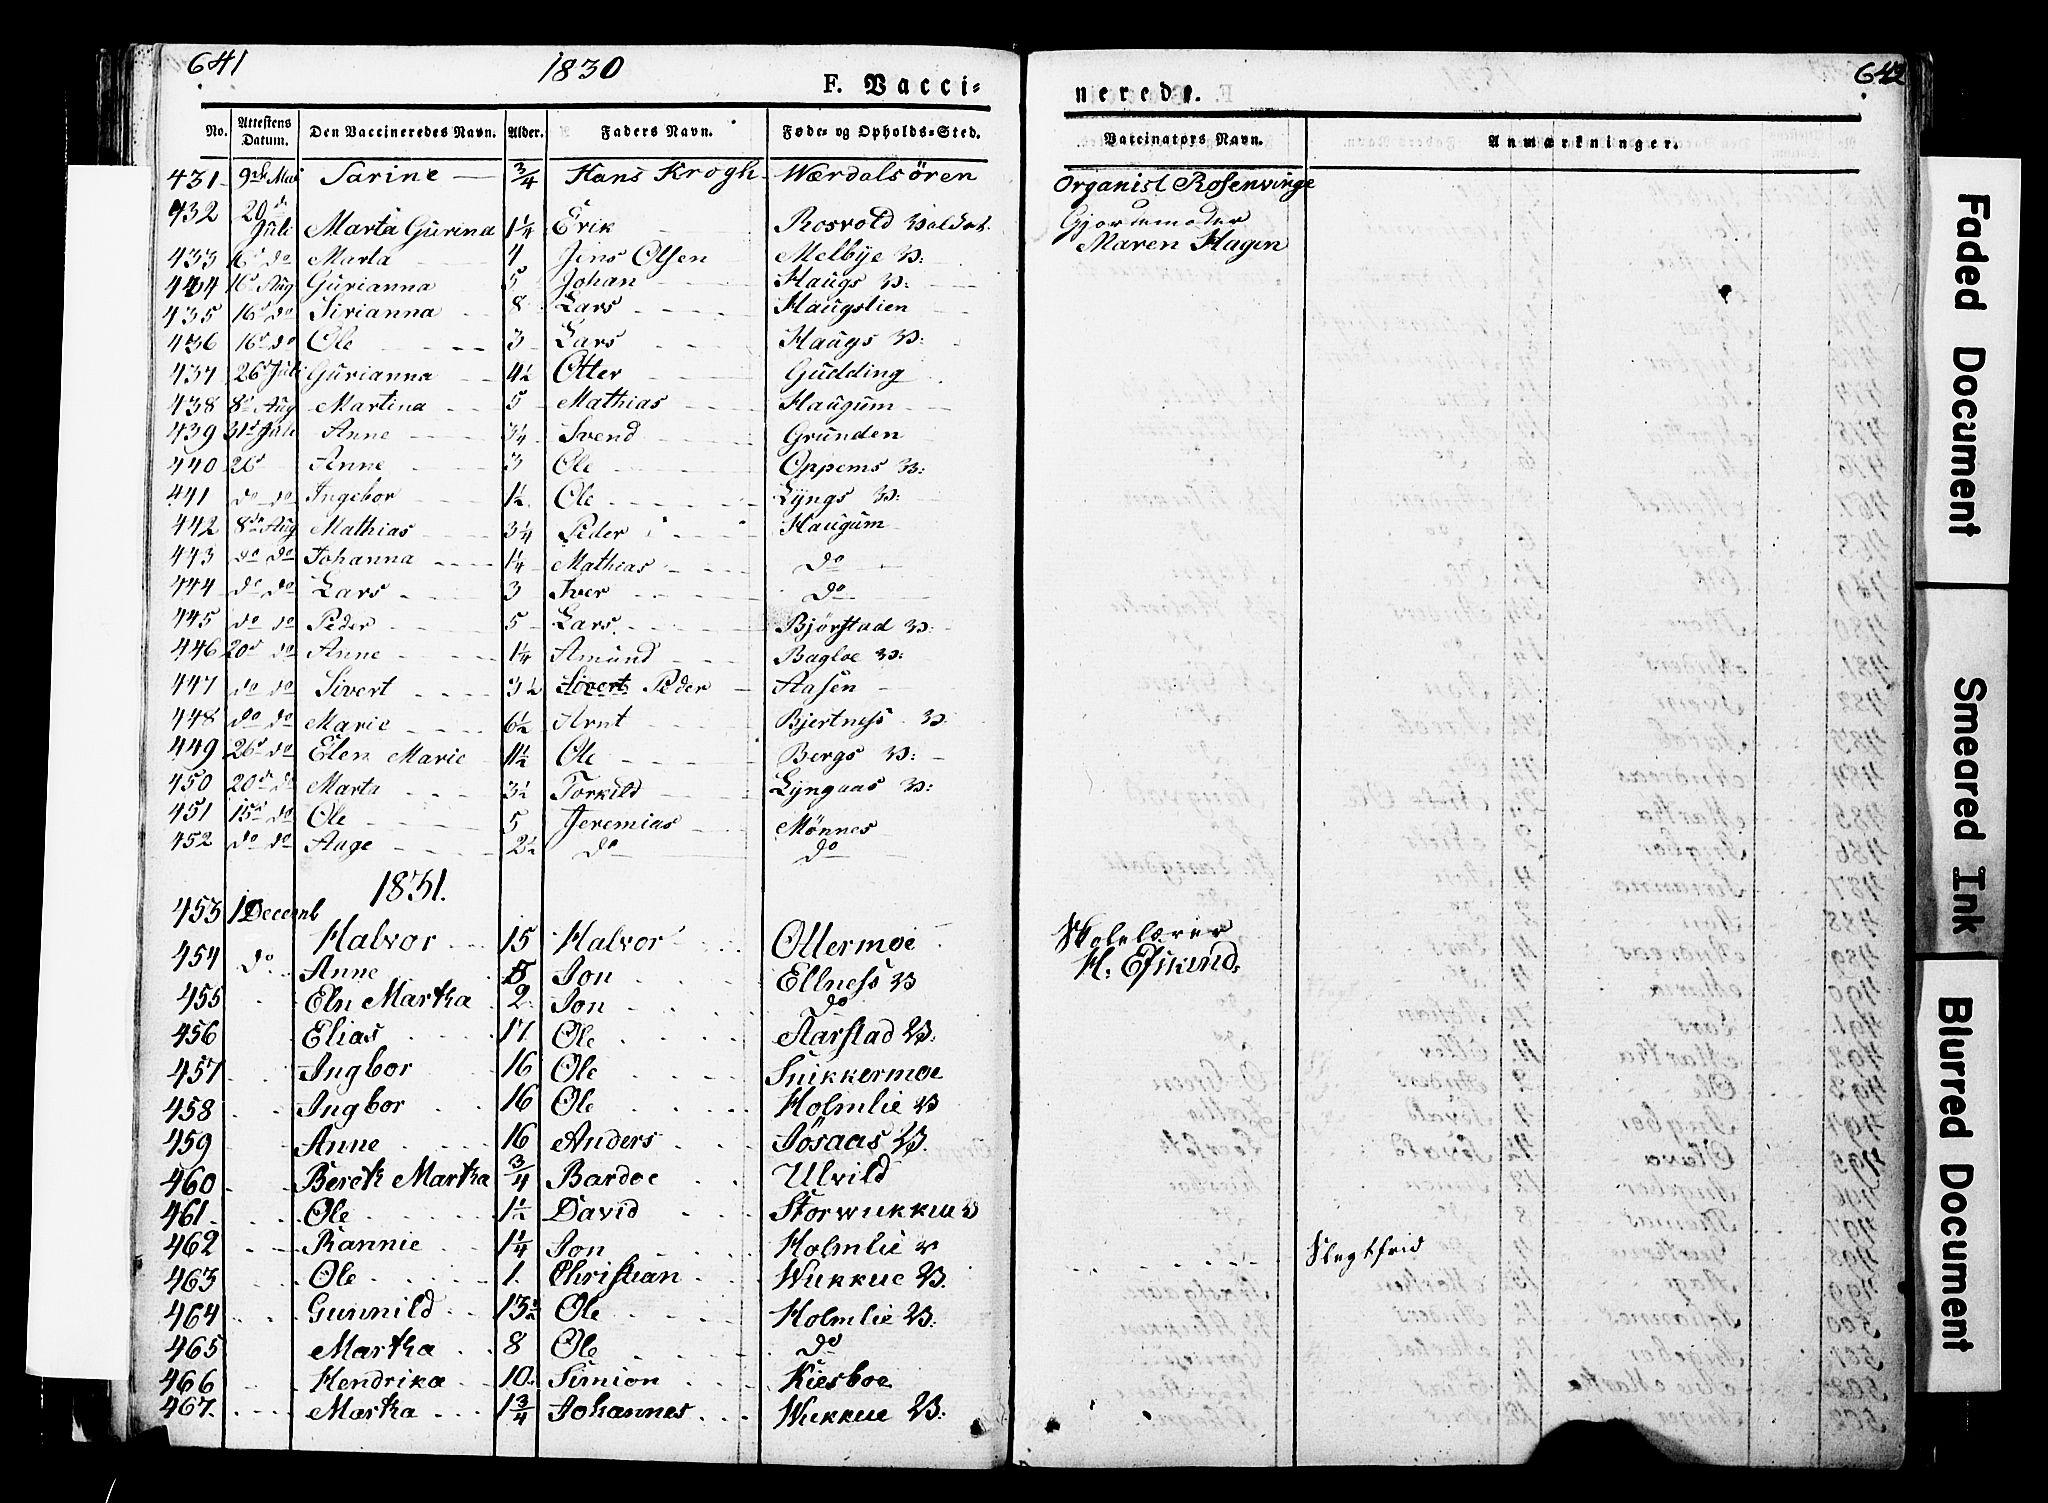 SAT, Ministerialprotokoller, klokkerbøker og fødselsregistre - Nord-Trøndelag, 723/L0243: Ministerialbok nr. 723A12, 1822-1851, s. 641-642